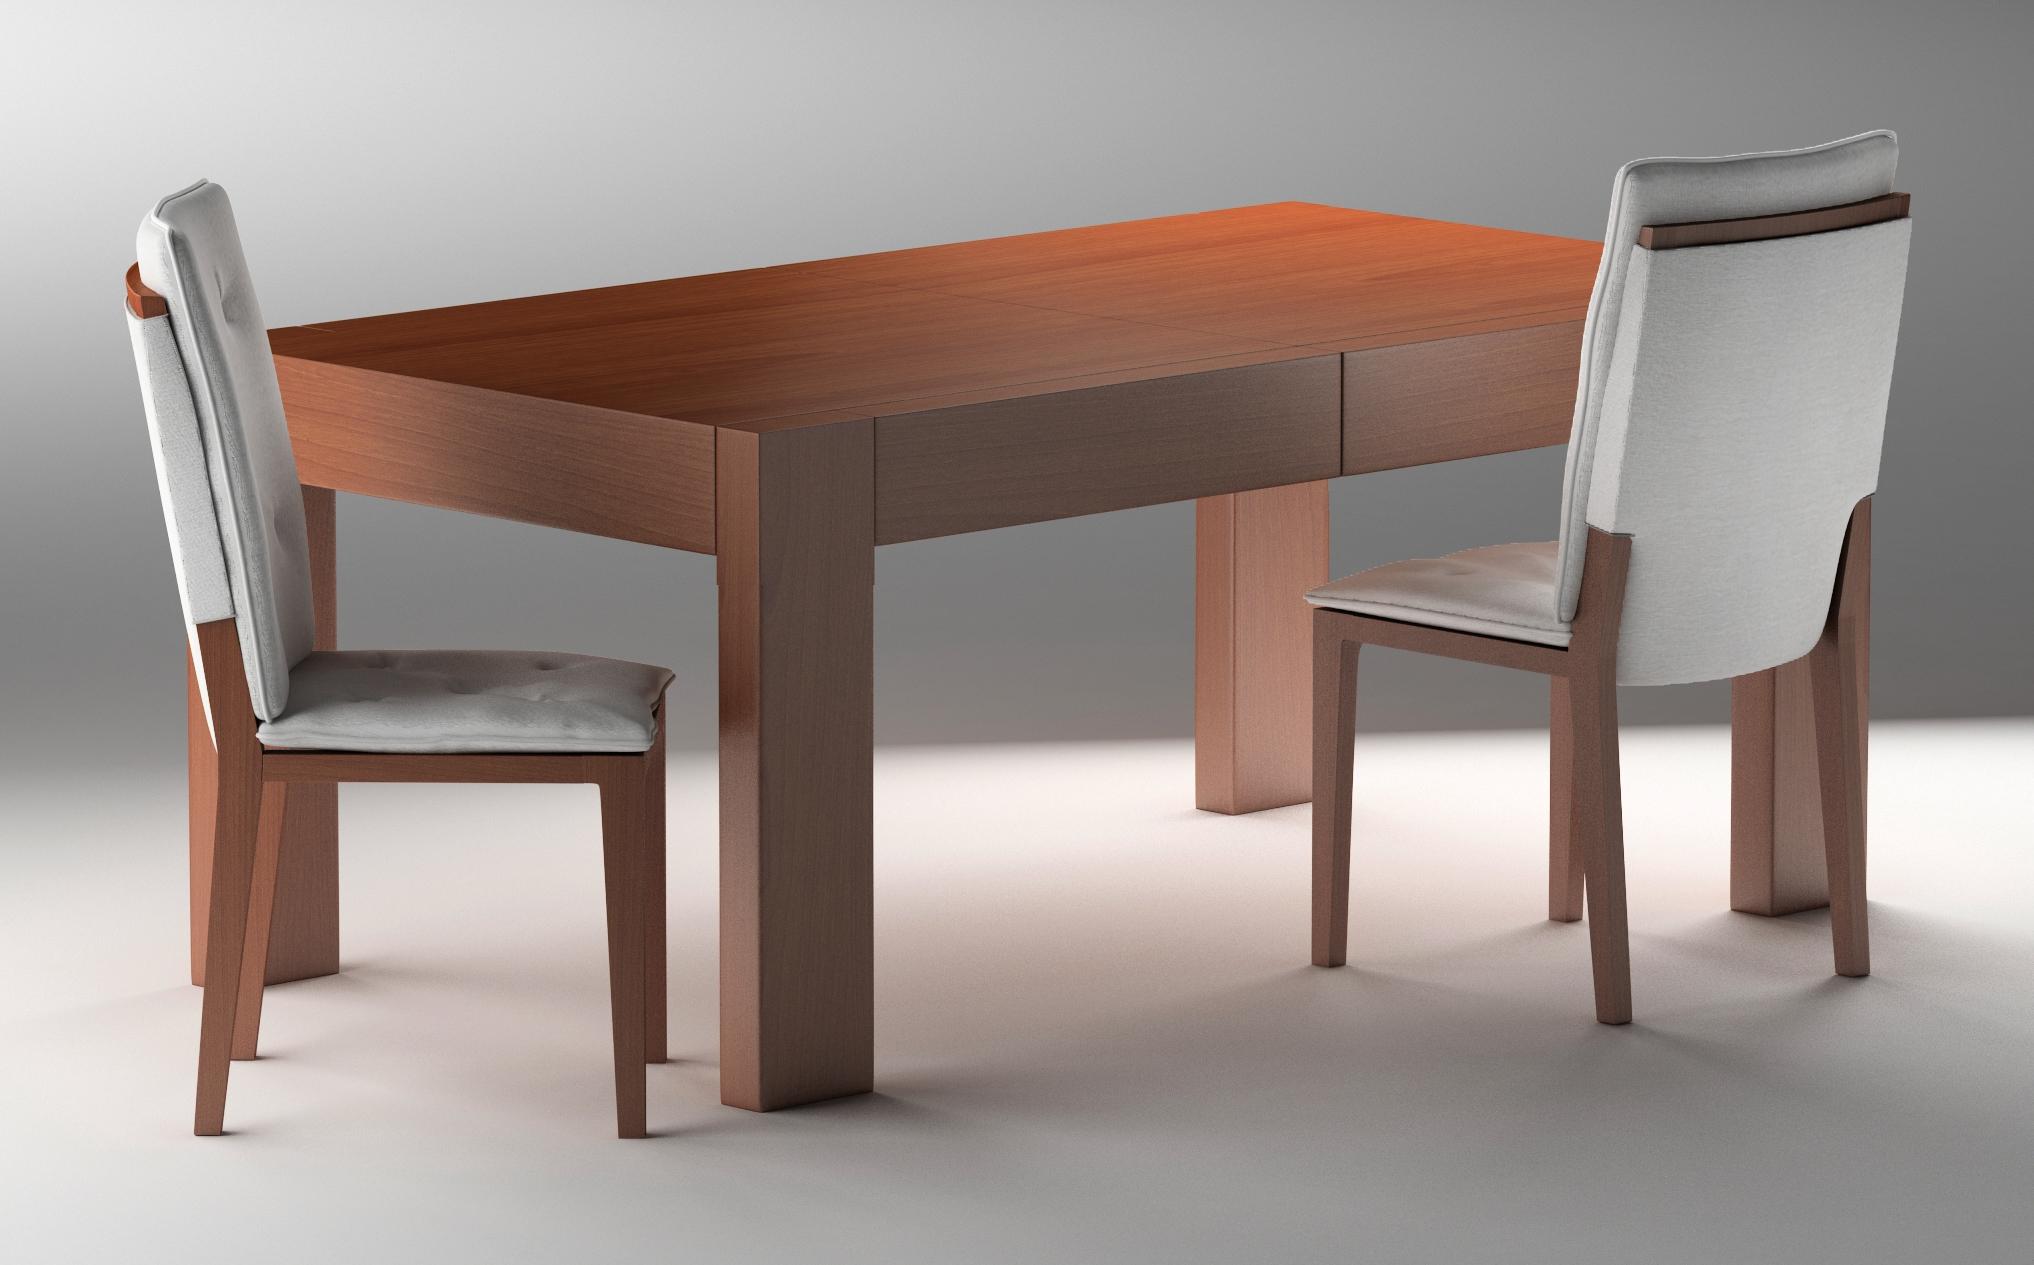 Stół CENTRAL i krzesło CENTRAL